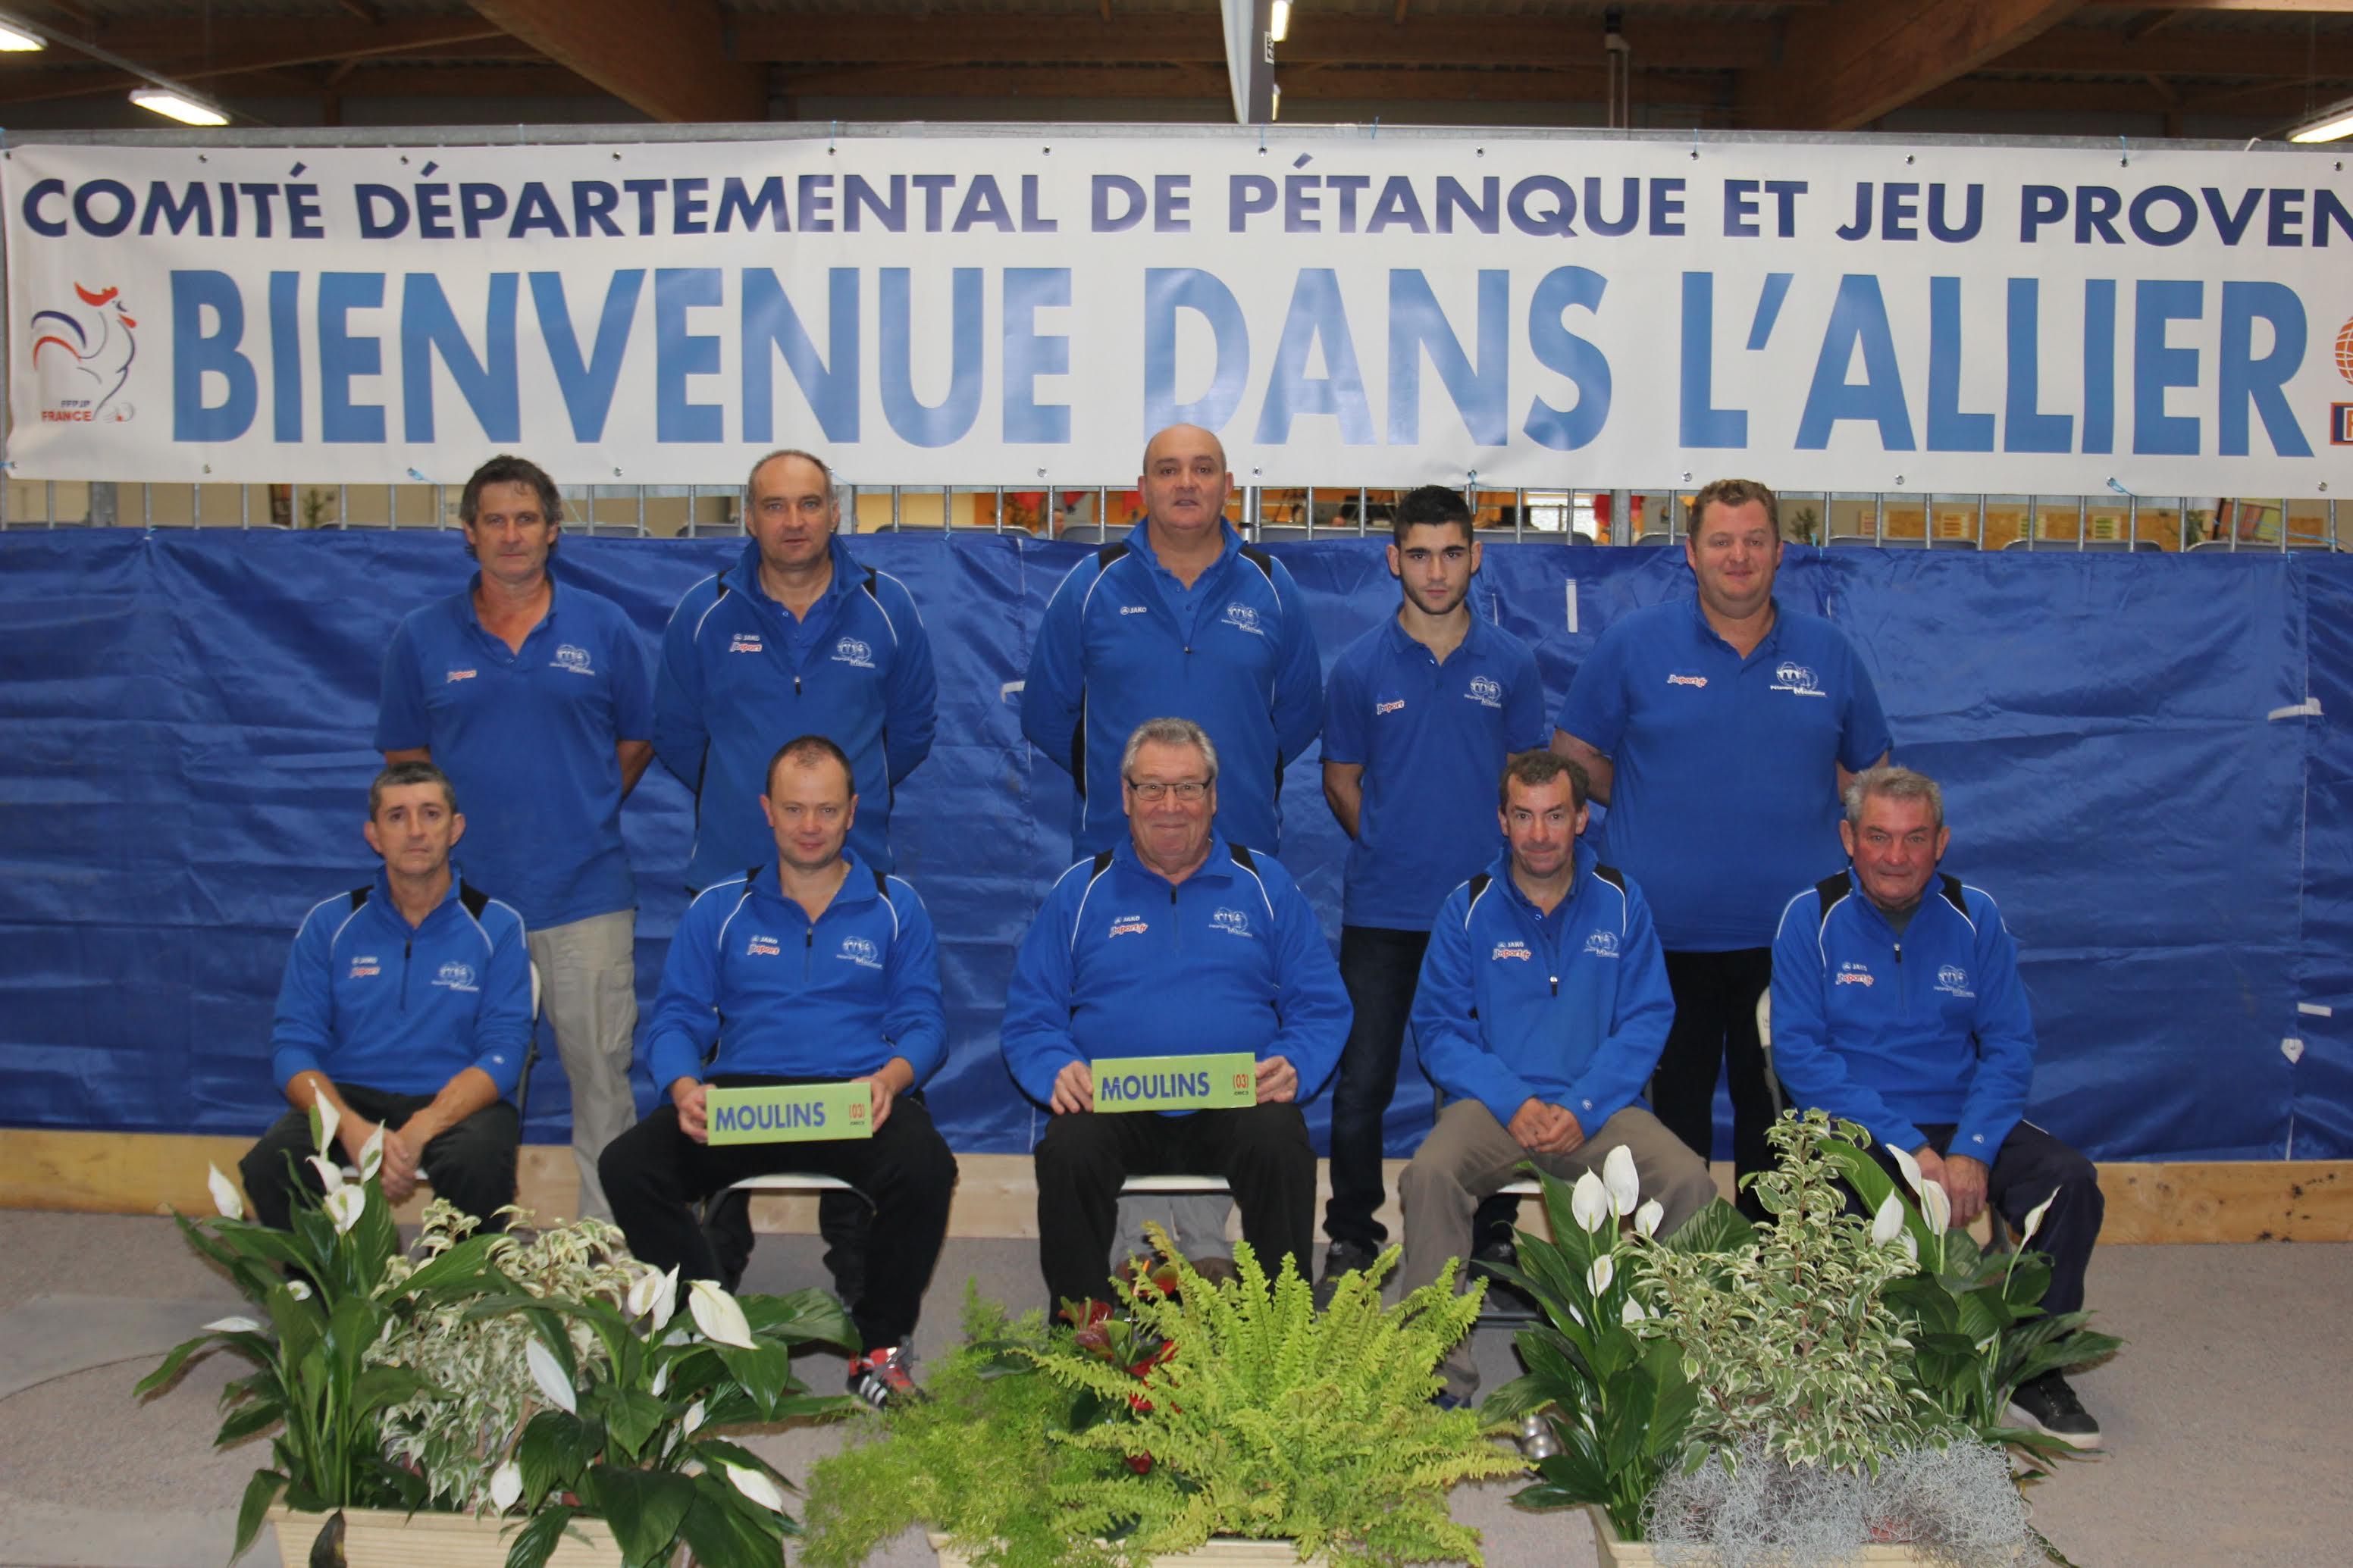 1er Trophée des Clubs du 1er mai : Moulins (CN2) pour la gagne